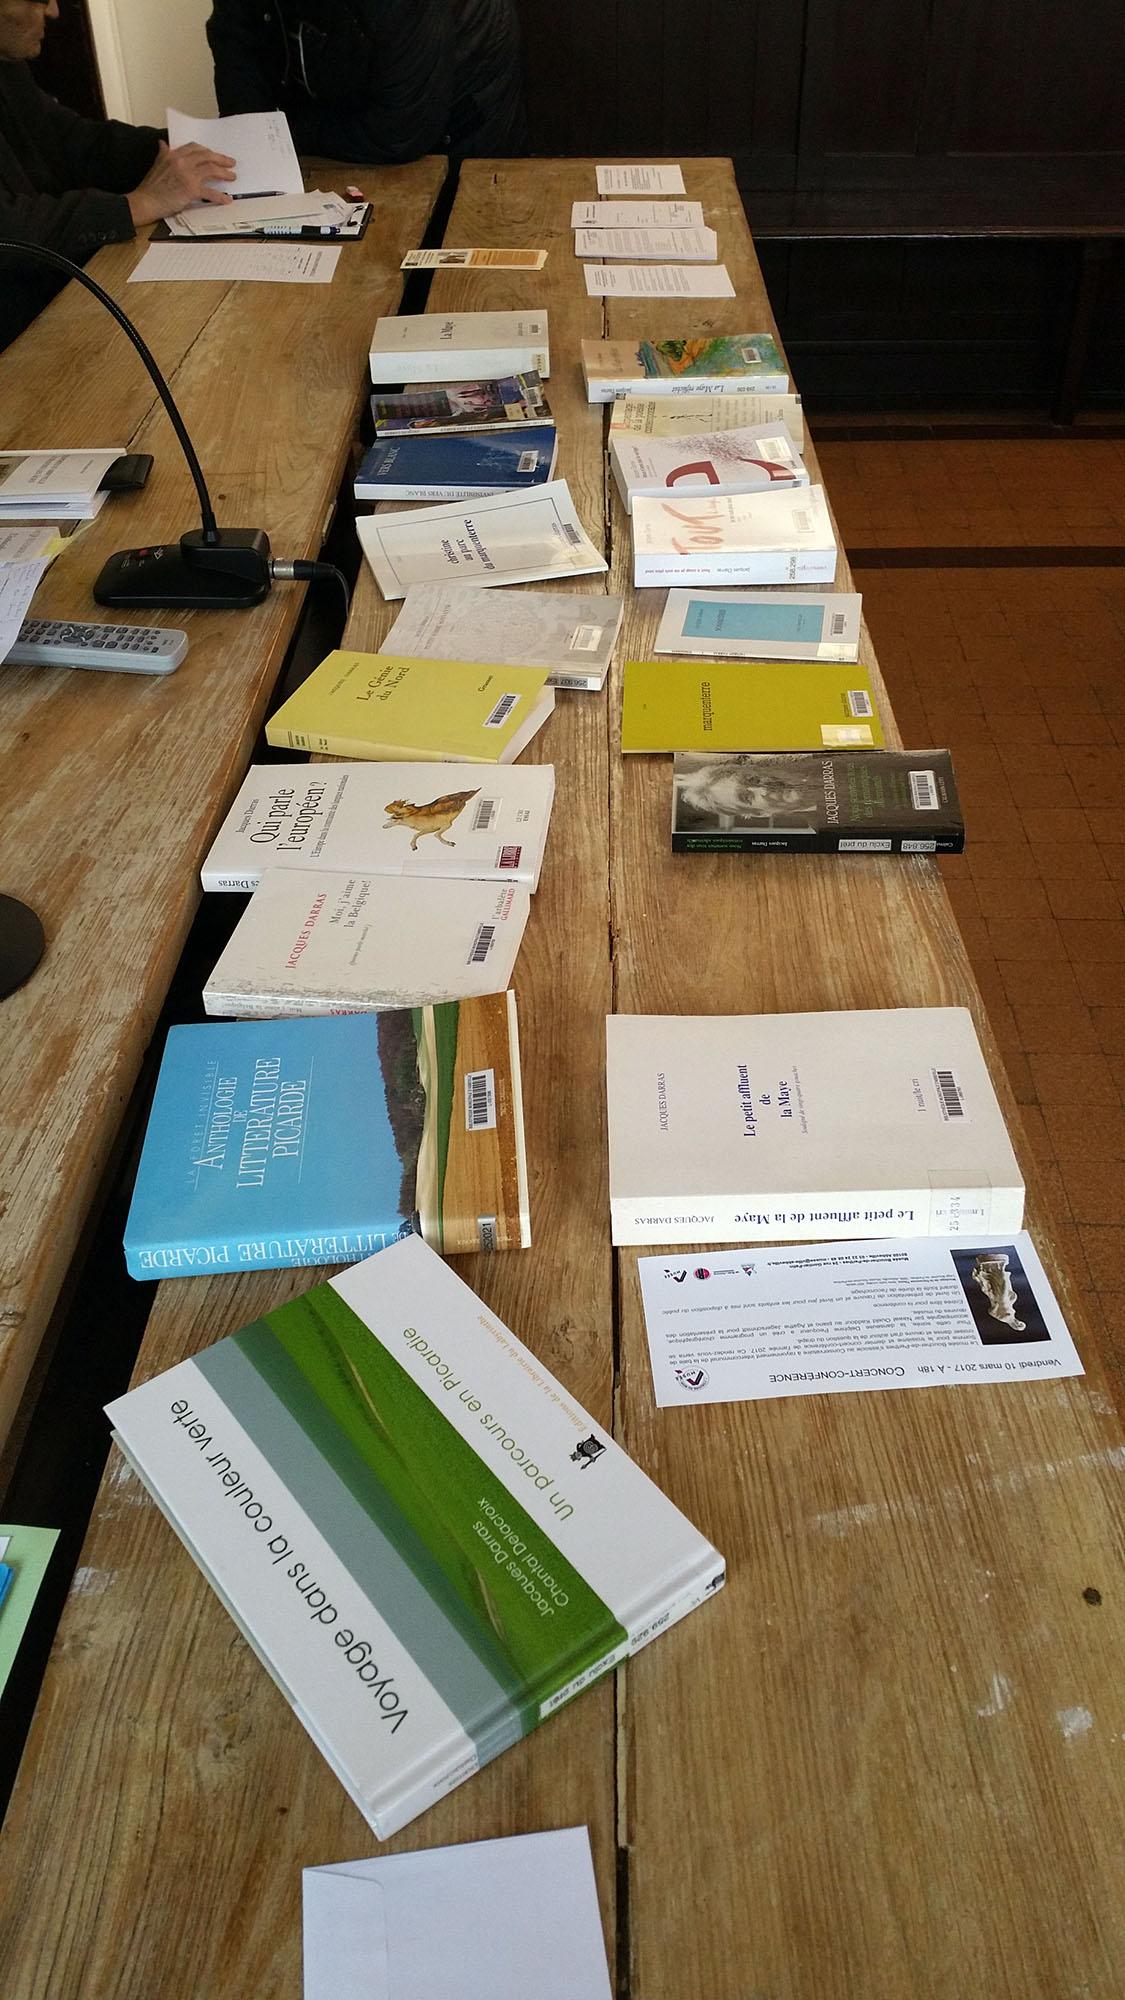 Entretien avec Jacques Darras, poète, écrivain et traducteur